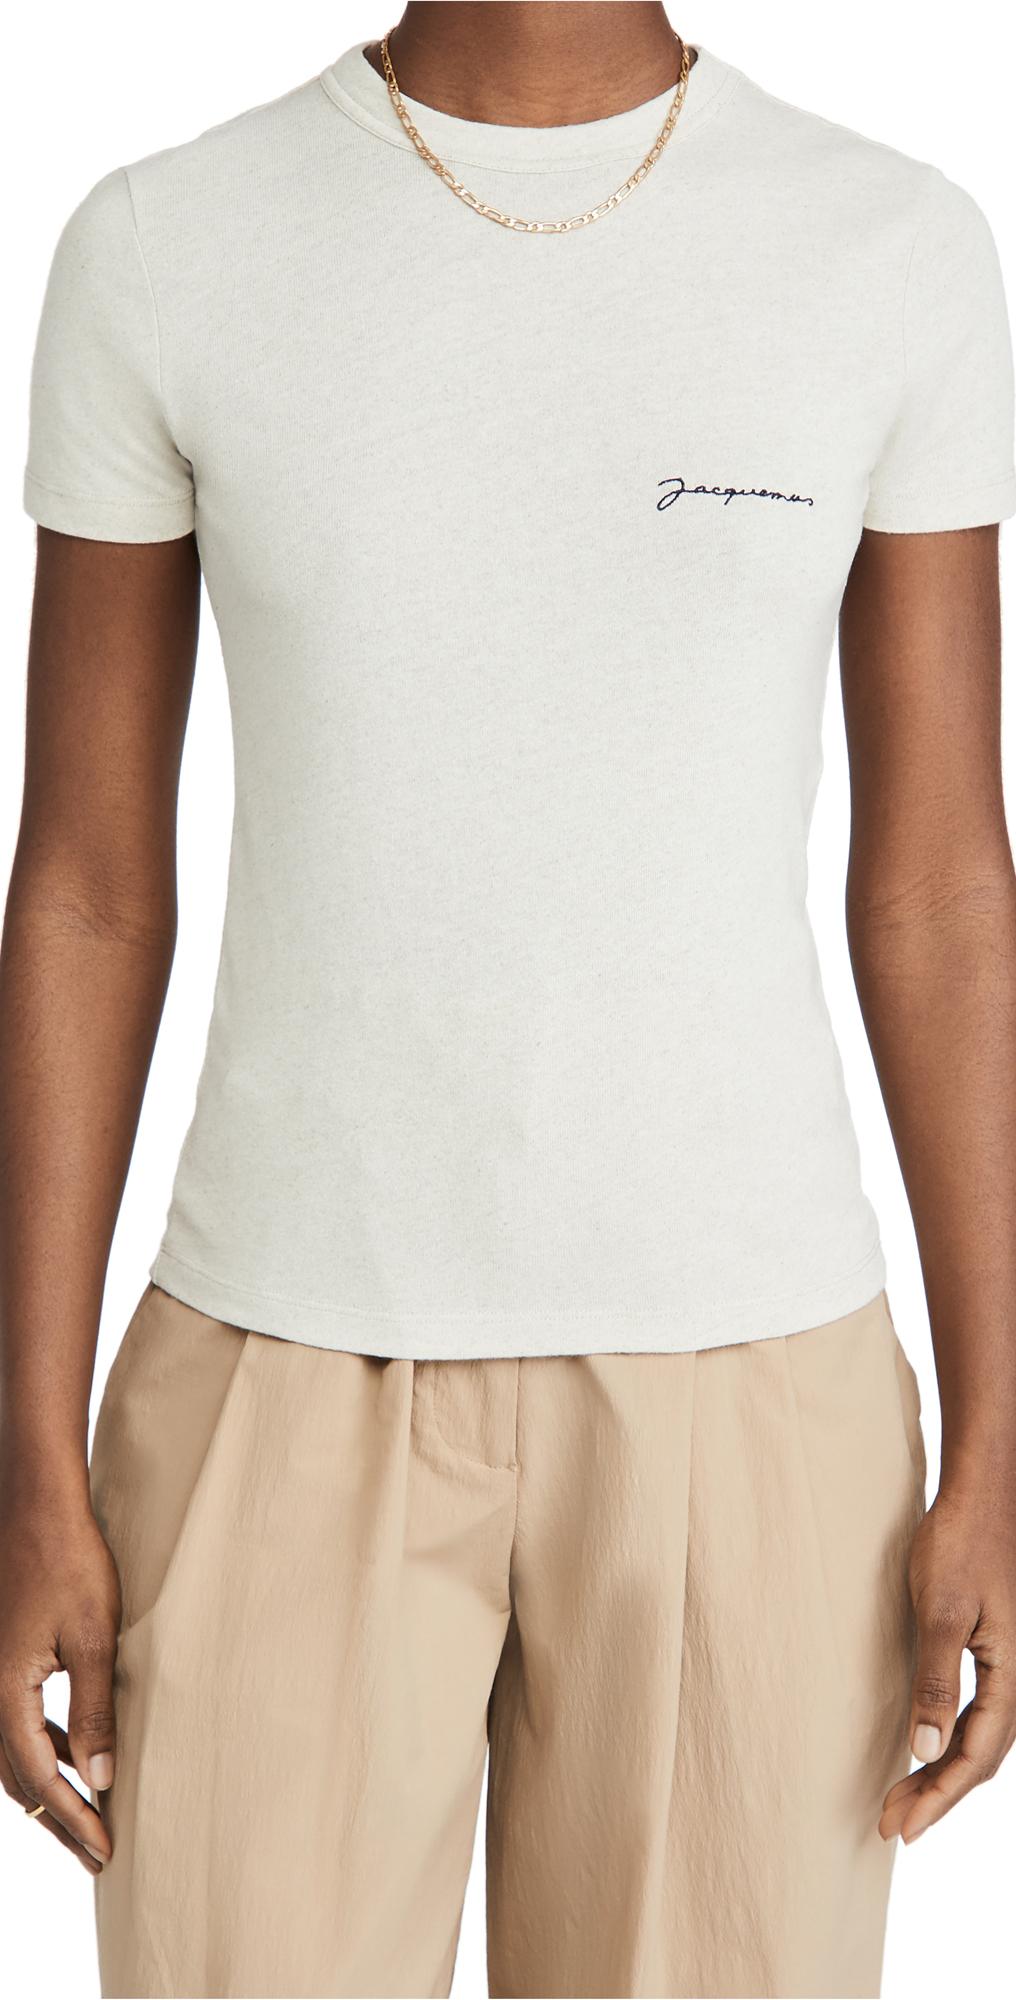 Jacquemus Jacquemus T-Shirt